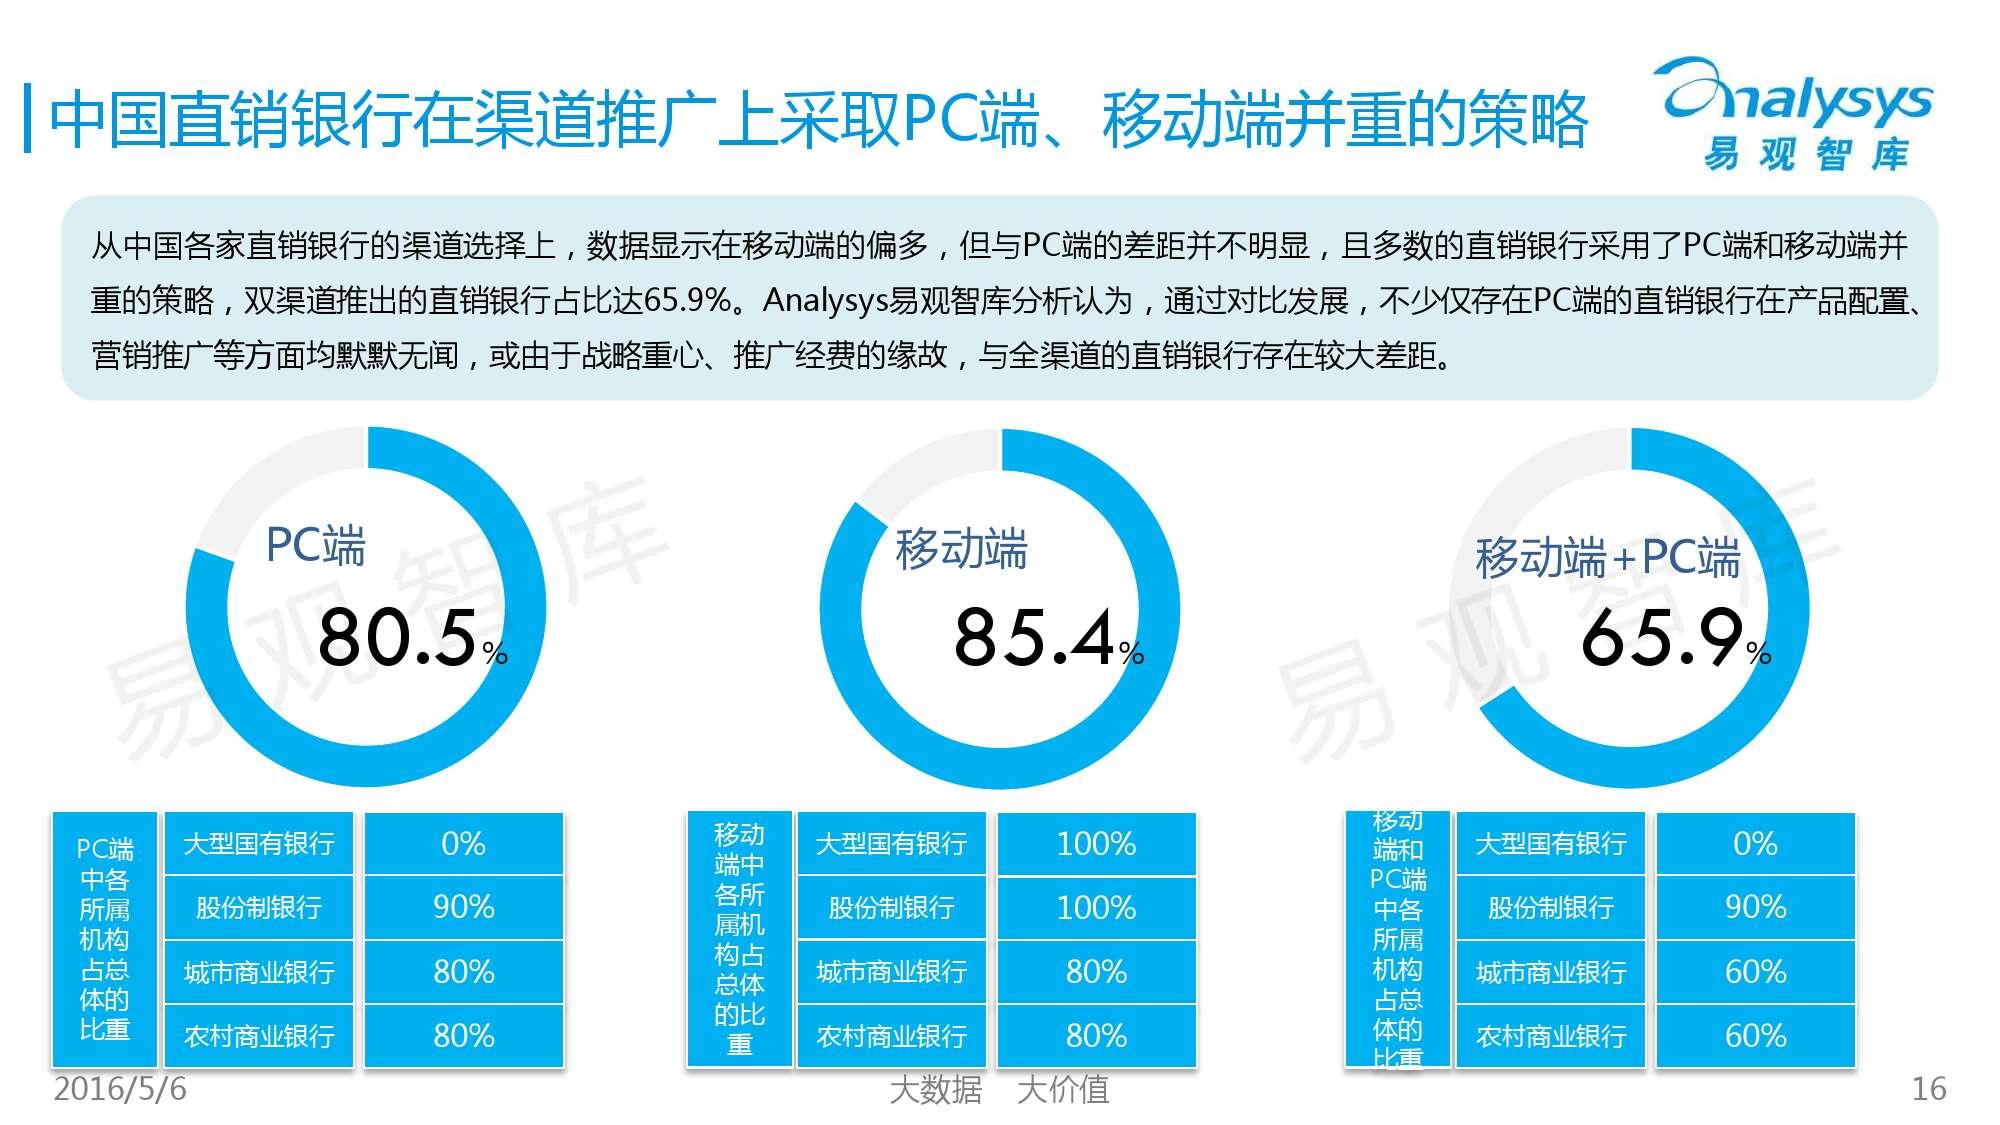 2016年中国直销银行市场专题研究报告_000016